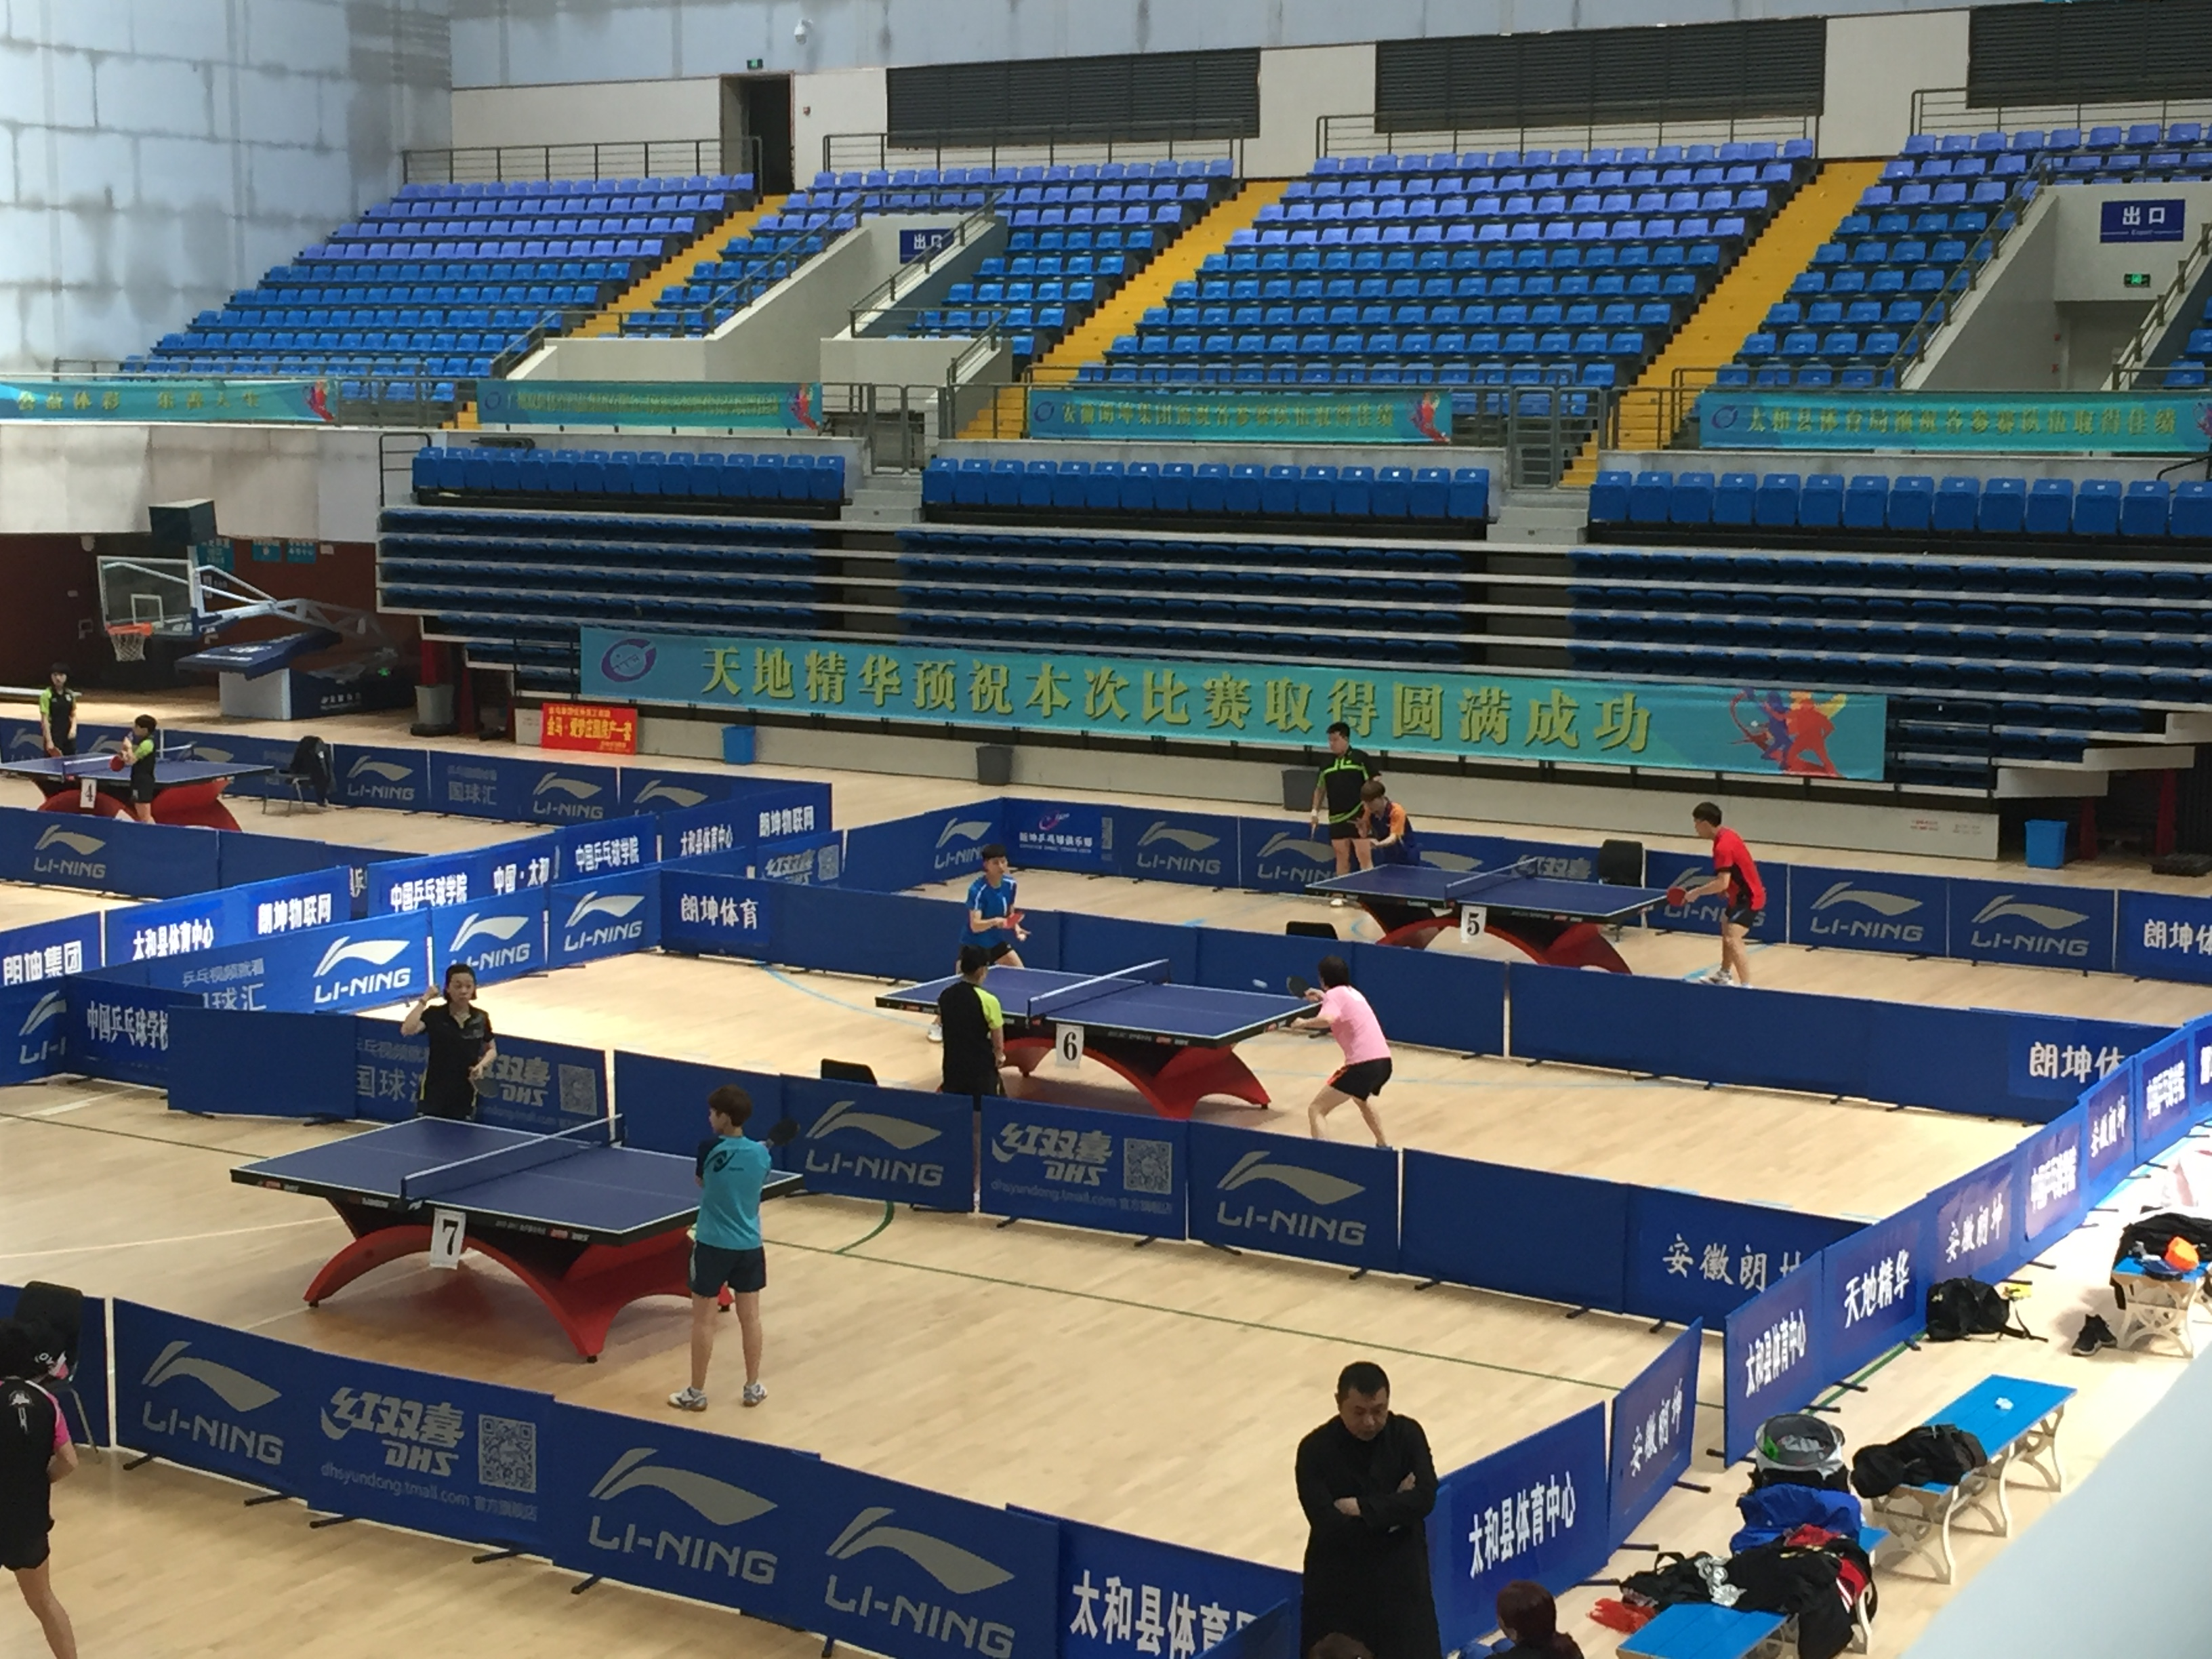 2019年中国乒乓球俱乐部乙A比赛(第一站·太和县赛区)补充通知